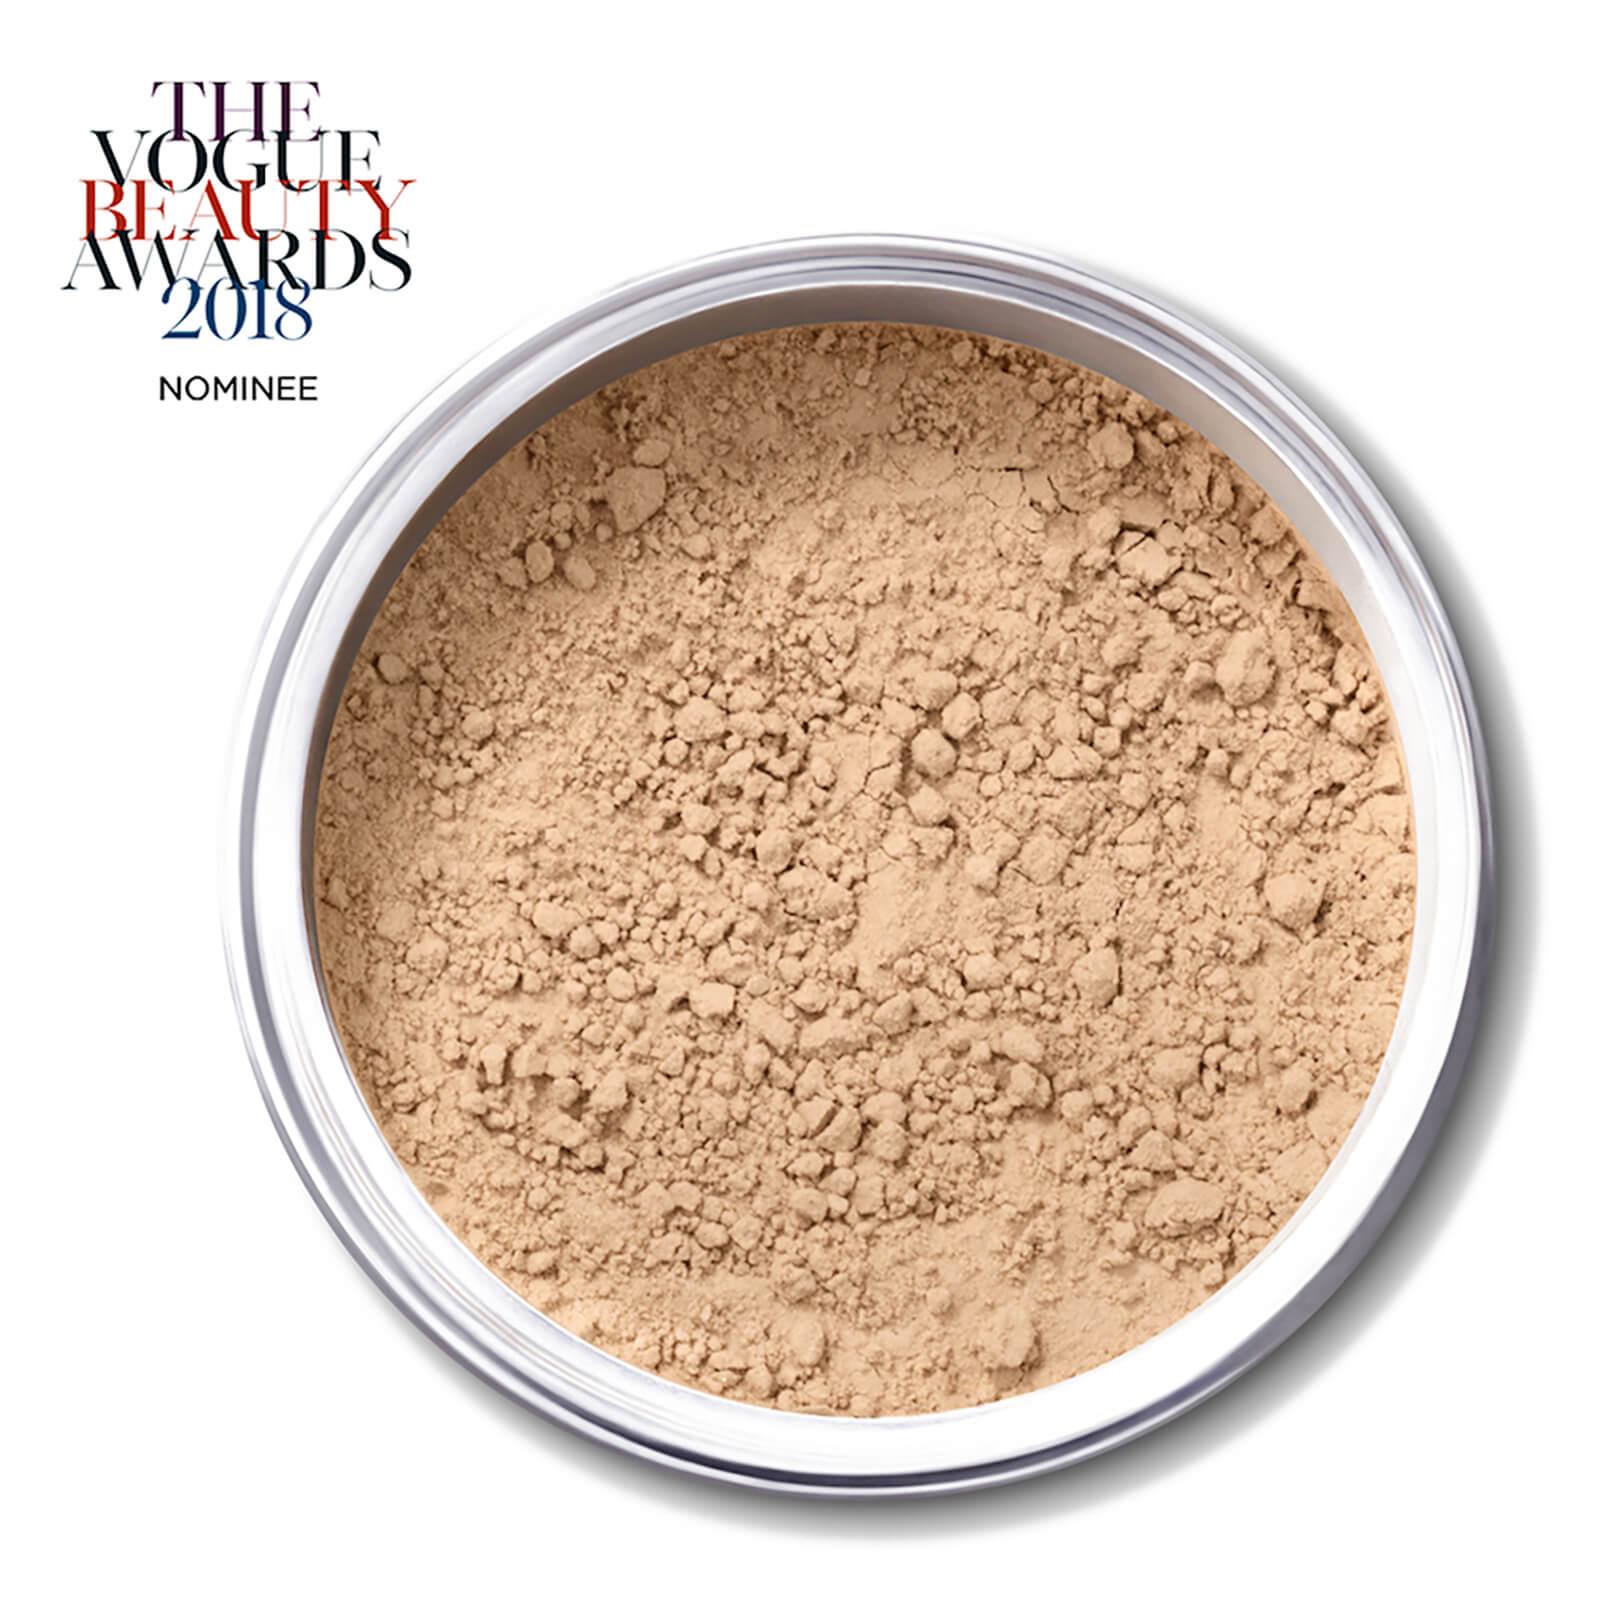 Купить Рассыпчатая пудра-основа EX1 Cosmetics Pure Crushed Mineral Powder Foundation 8 г (различные оттенки) - 2.0